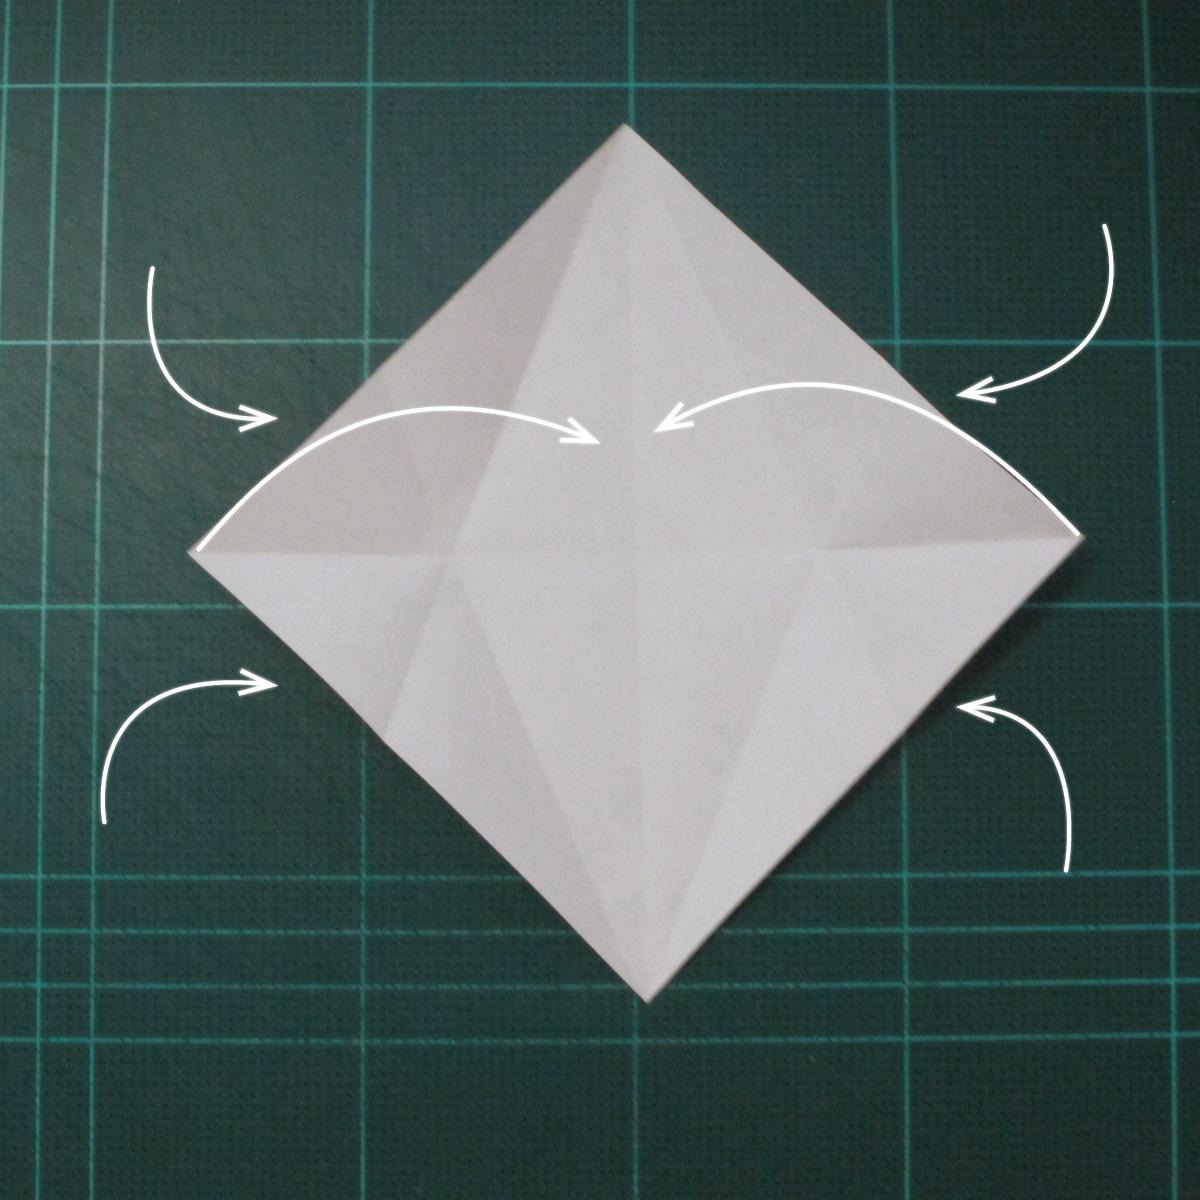 วิธีพับกระดาษเป็นรูปปลาโลมาแบบง่าย (Easy Origami Dolphin) 003